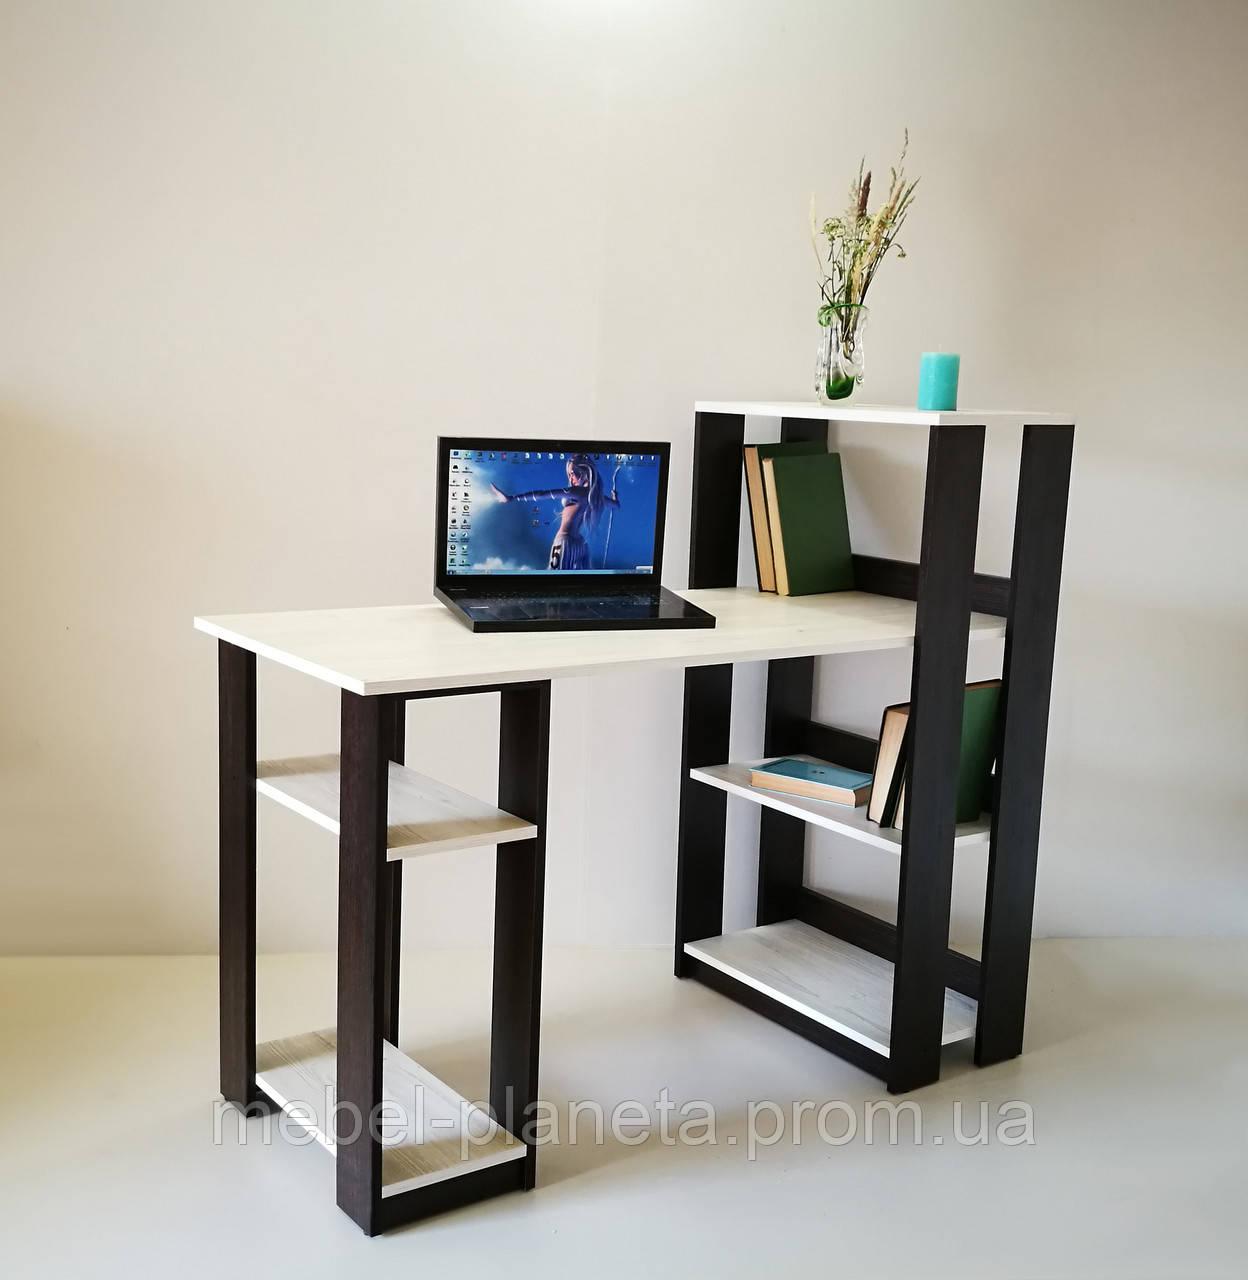 """Стол компьютерный """"СК-5"""" стол для ноутбука фабрика Микс Мебель"""